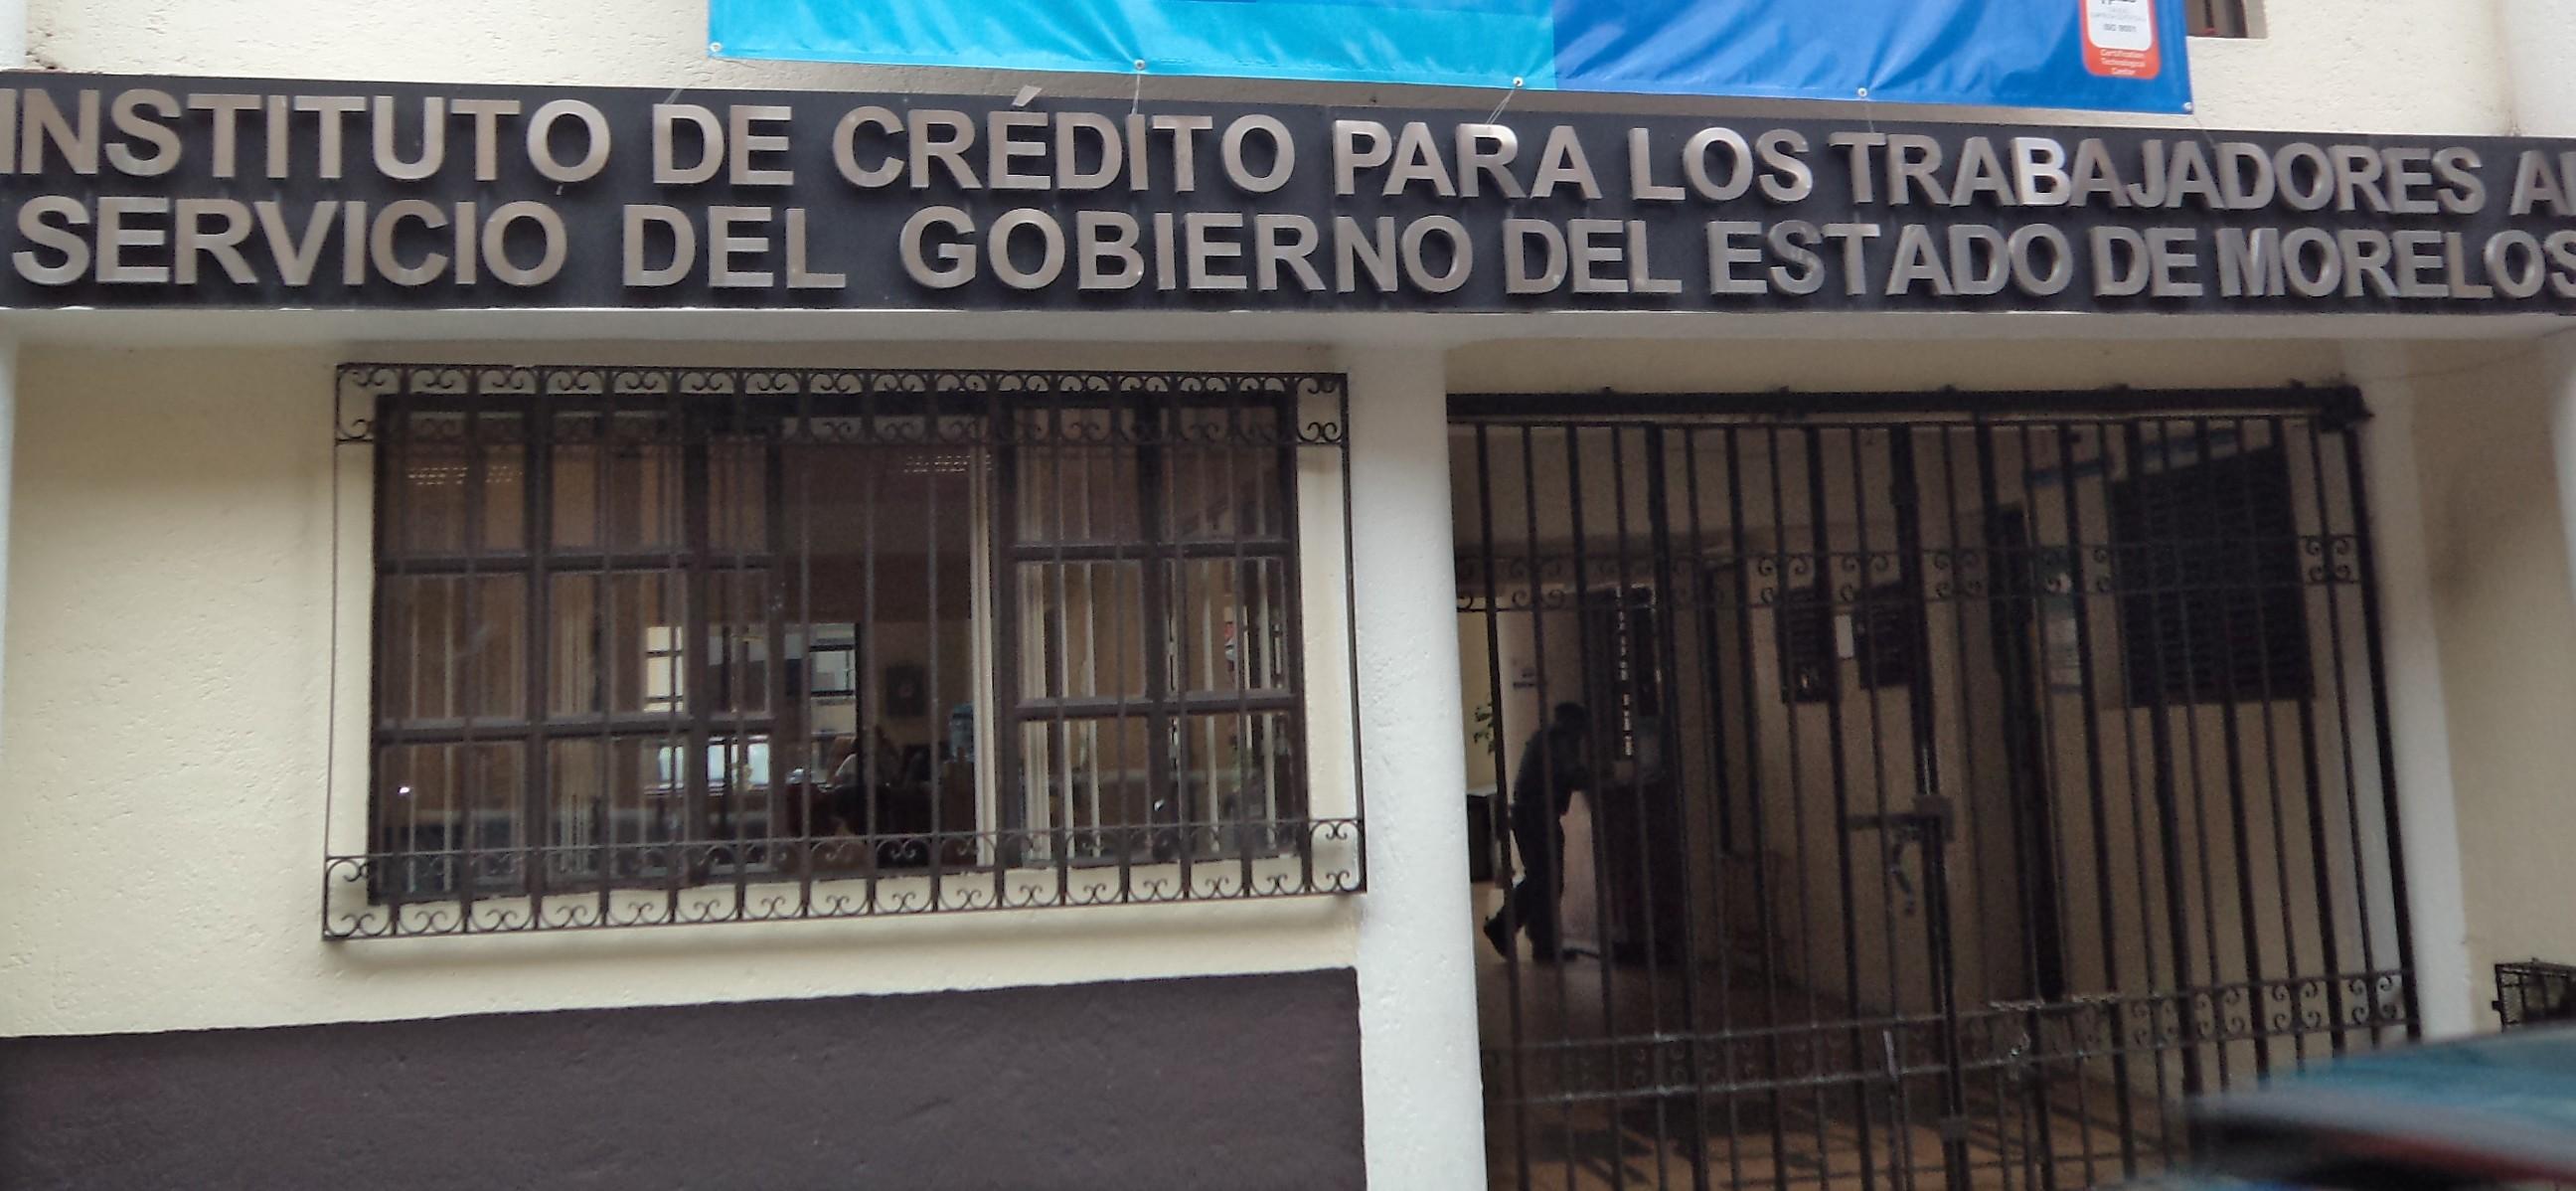 INSTITUTO DE CREDITO